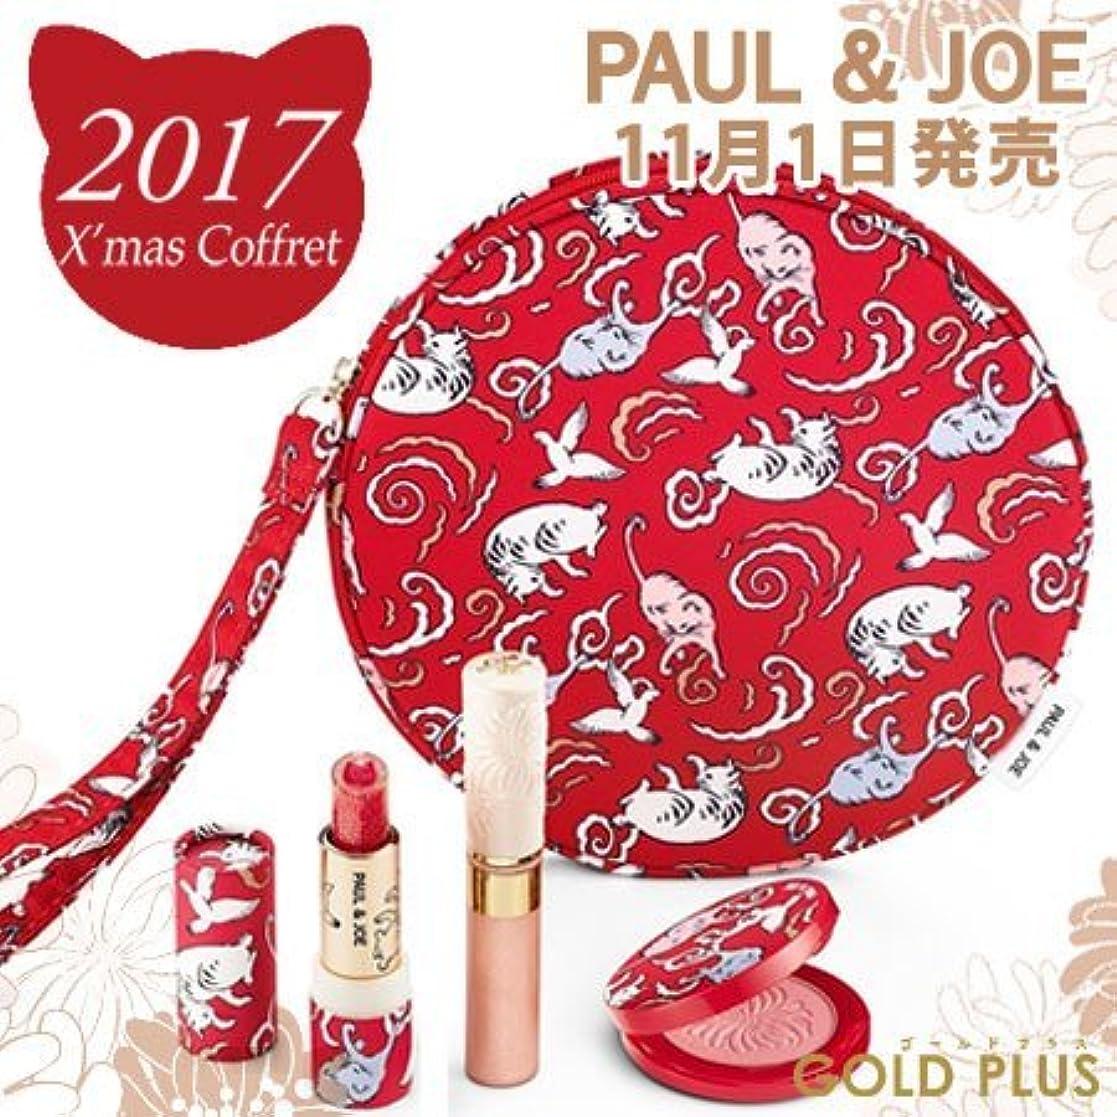 無線植物学者秀でるポール&ジョー メイクアップ コレクション 2017 【 2017 クリスマス コフレ 】限定品 -PAUL&JOE-